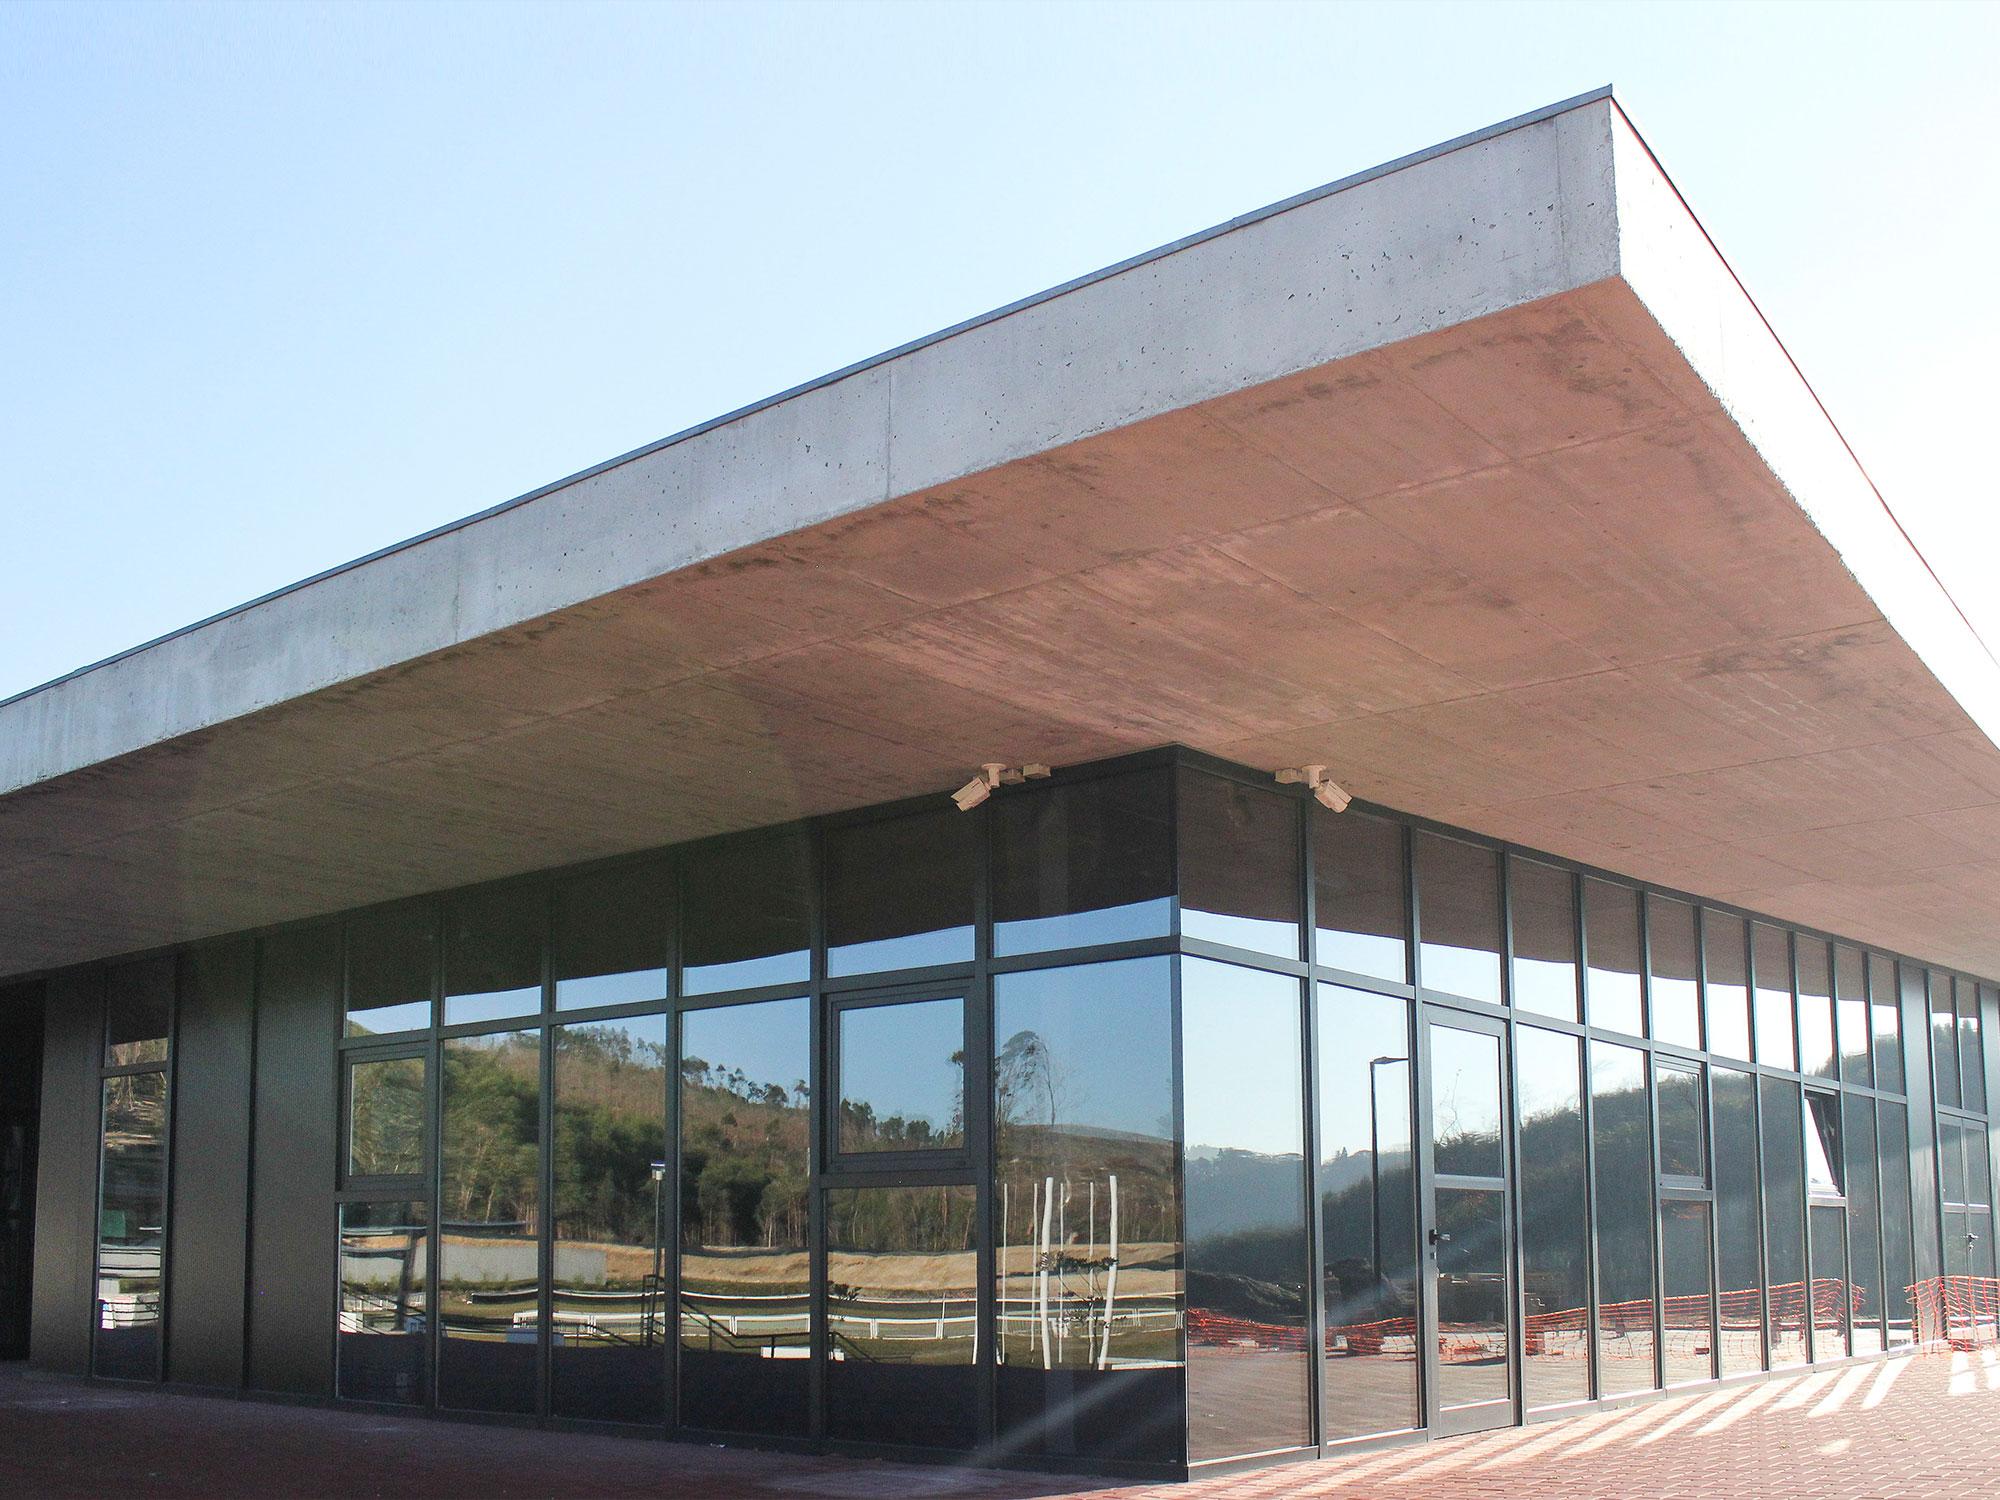 Campo de Tiro de Braga